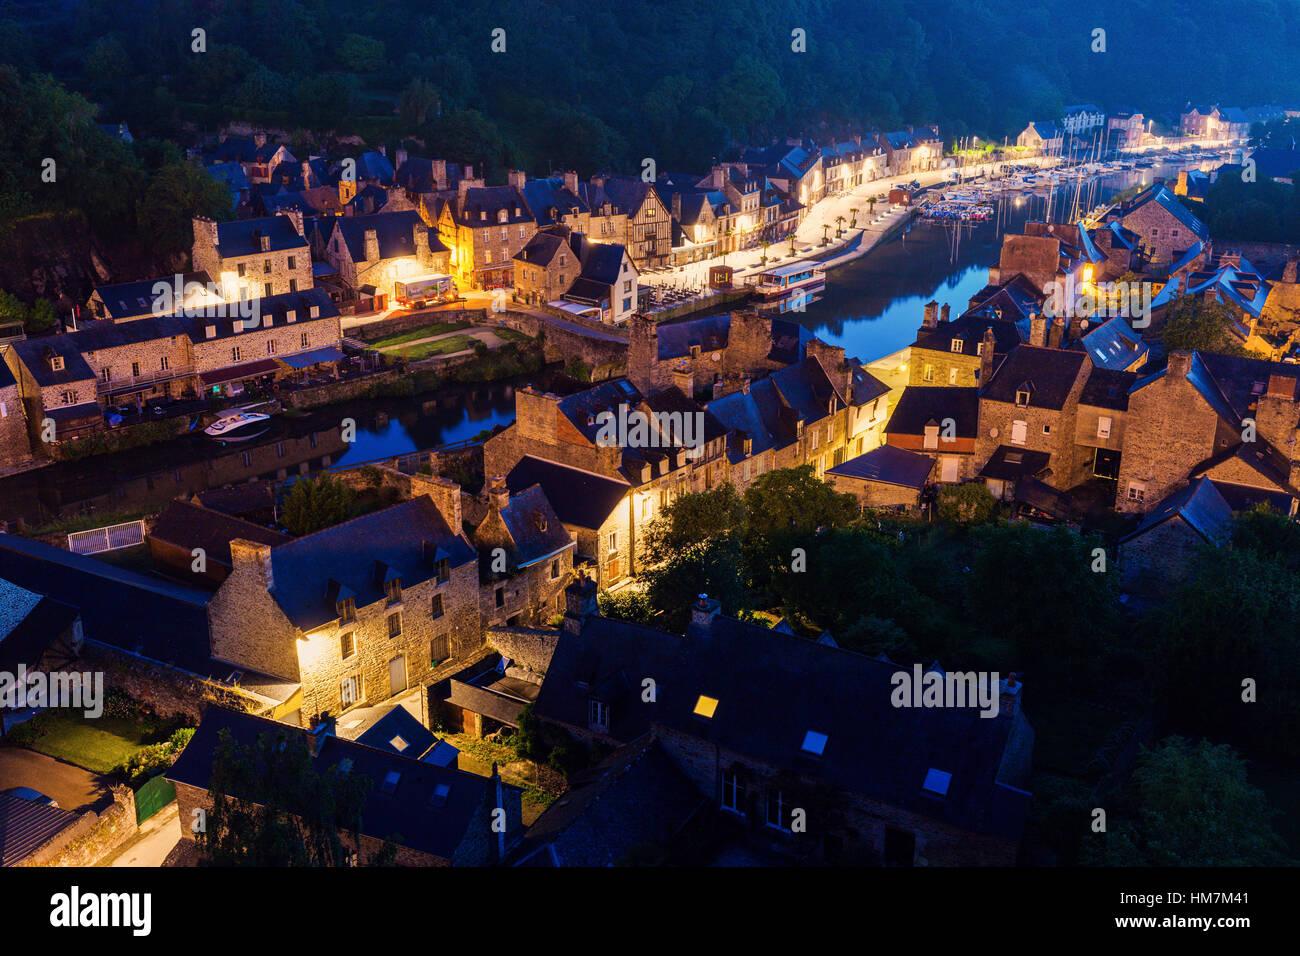 France, Bretagne, Dinan, paysage urbain avec river au crépuscule Banque D'Images